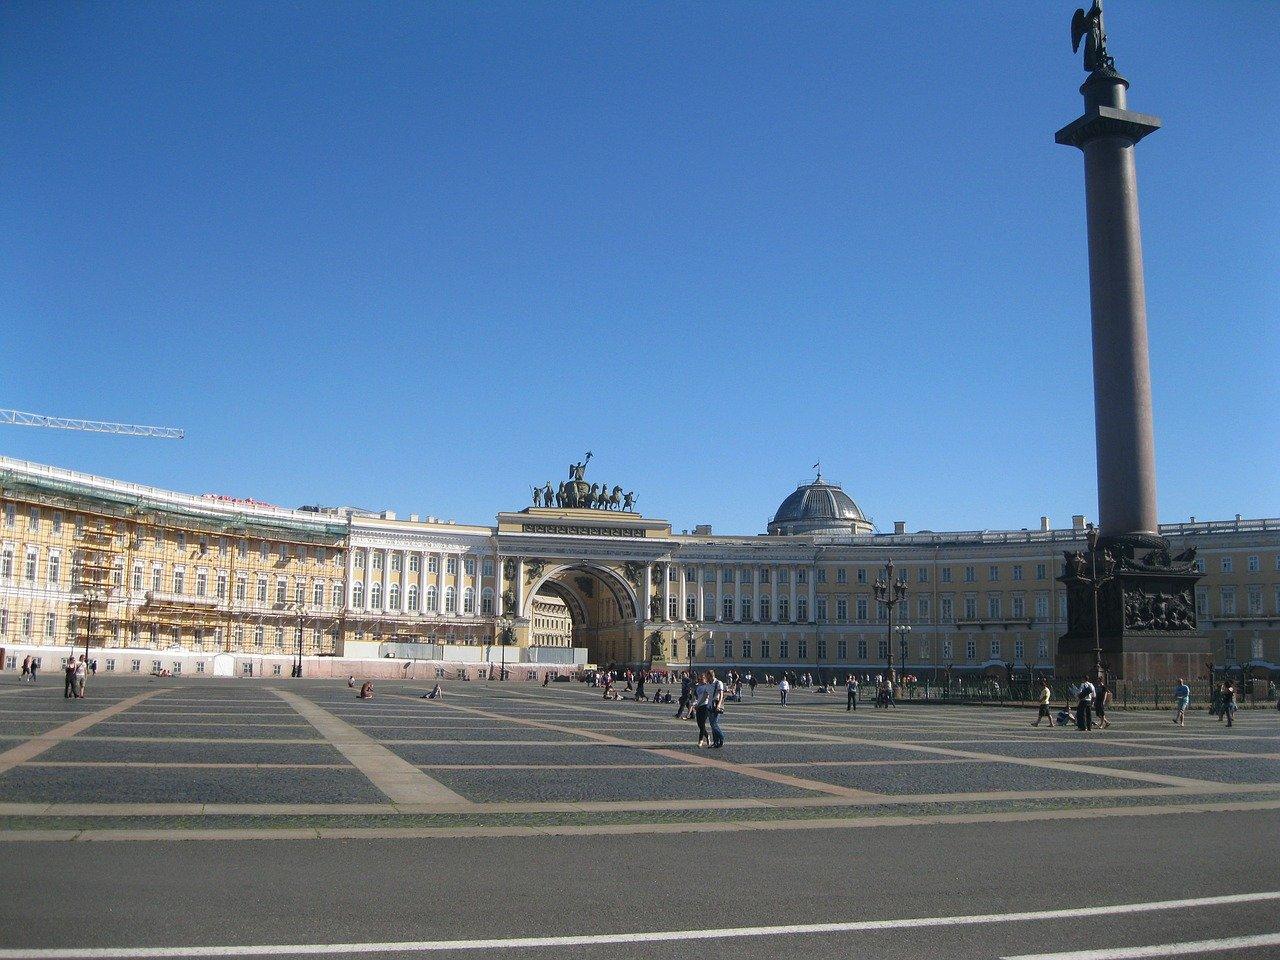 サンクトペテルブルクへの行き方、まわり方